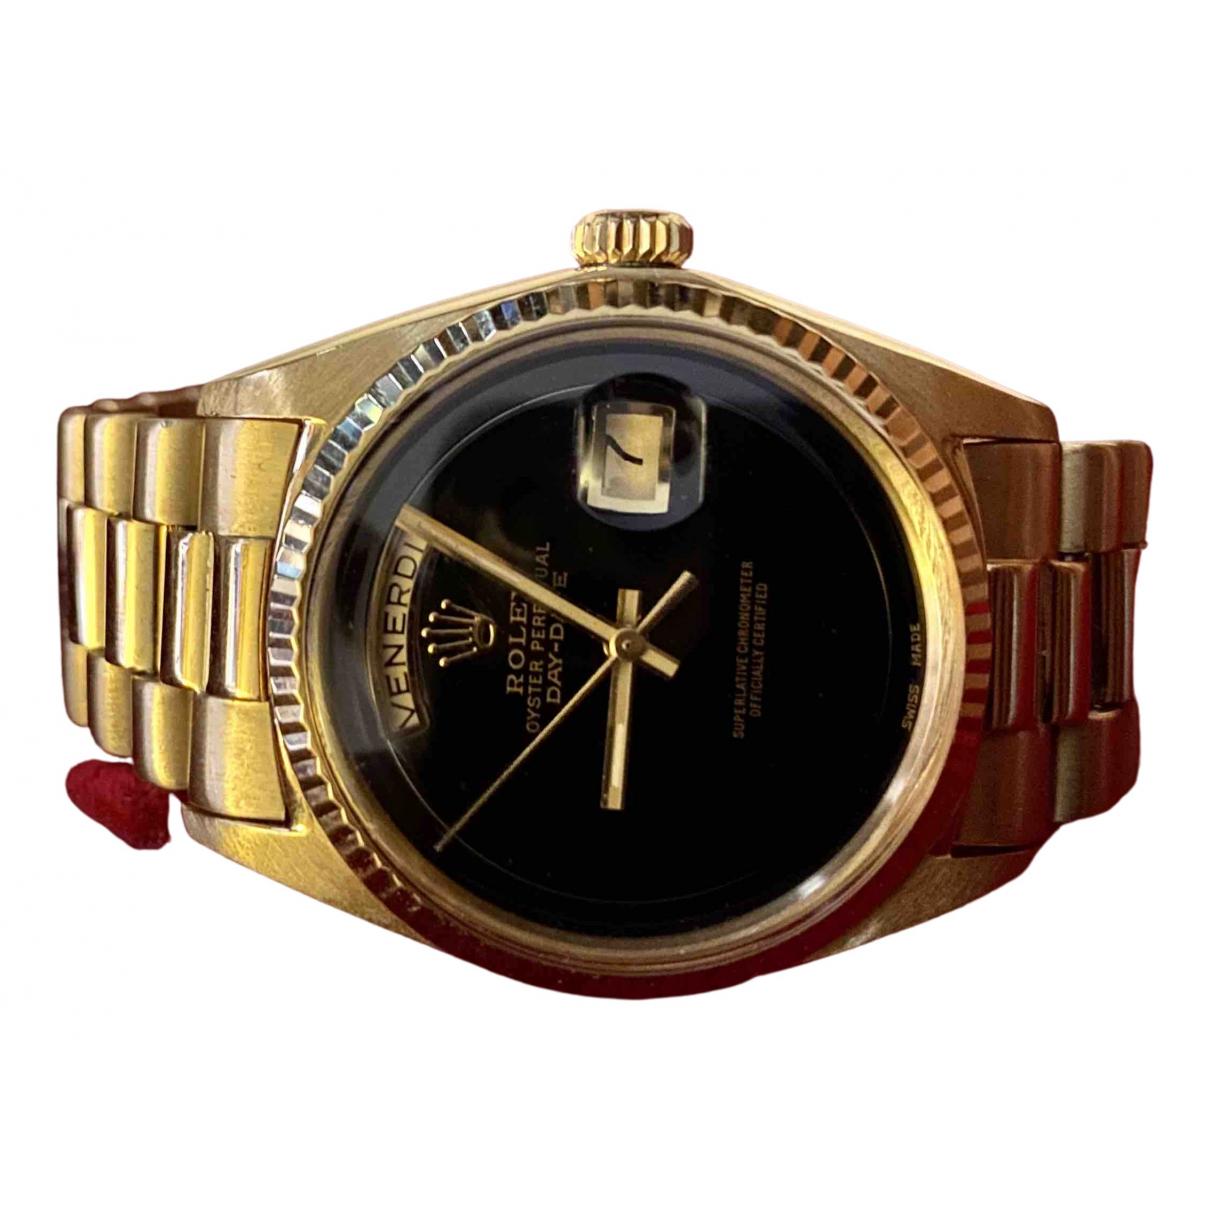 Rolex Day-Date 36mm Uhr in Gelbgold